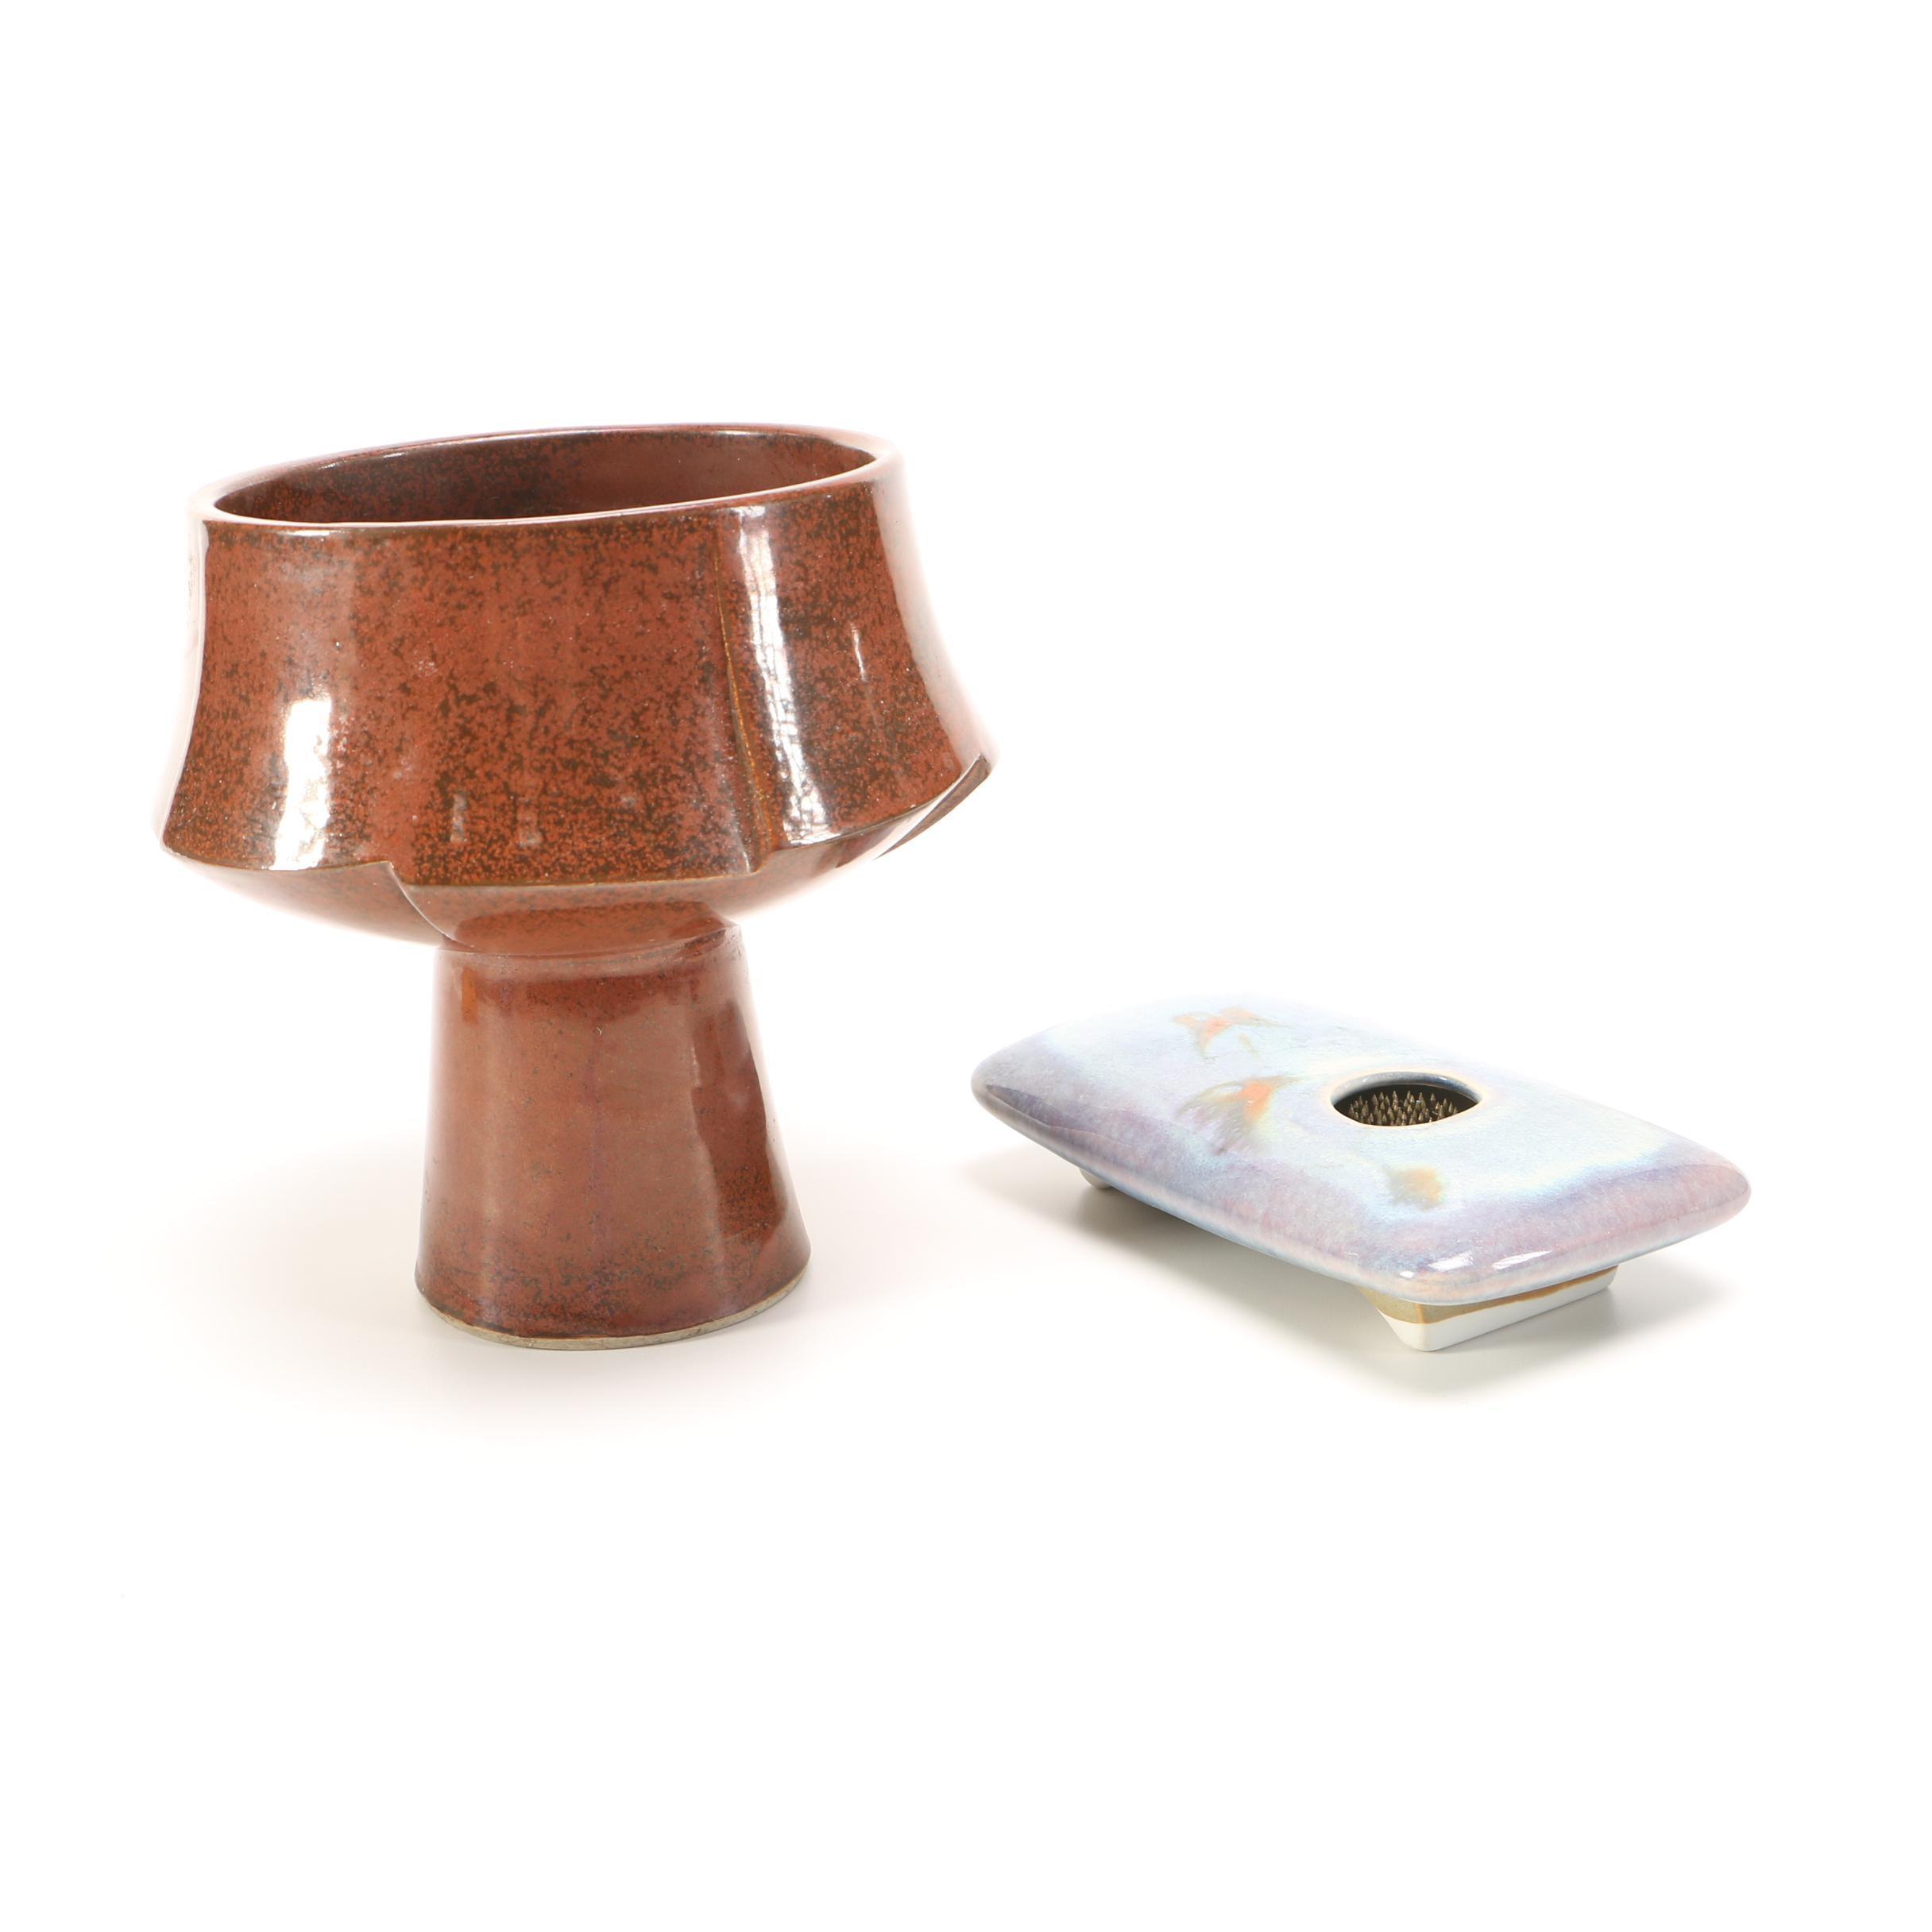 Handbuilt porcelain FLower Frog and Stoneware Vessel